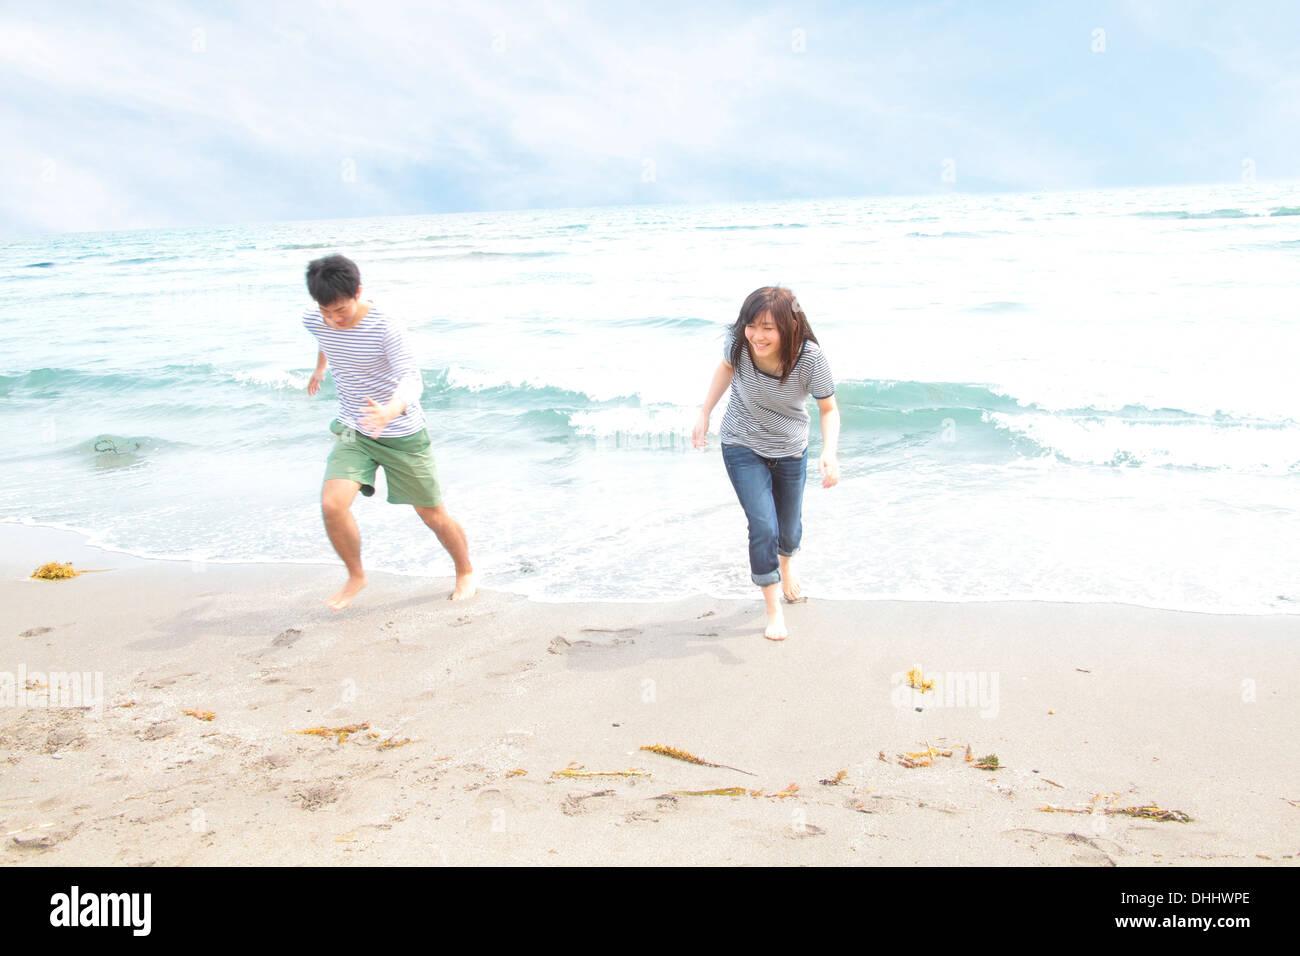 Junges Paar auf der Flucht vor der Flut Stockbild